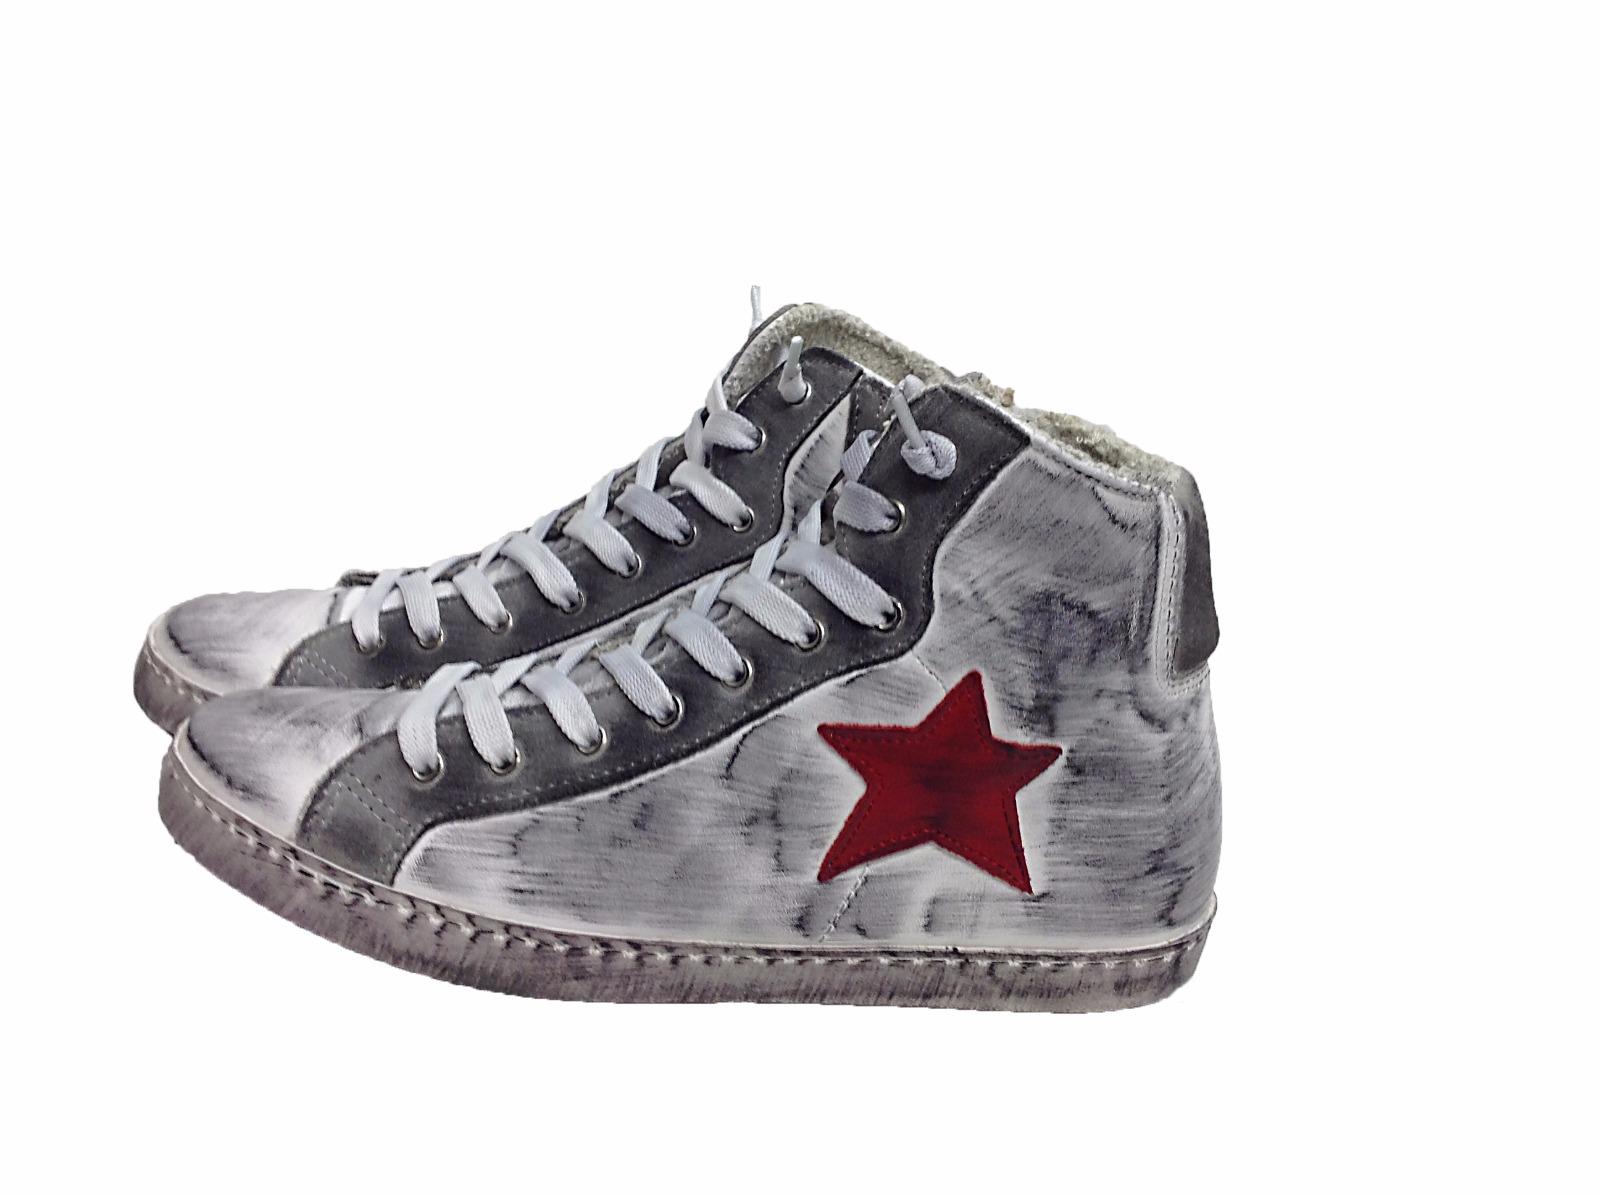 scarpe sneakers alte uomo donna pelle bianco grigio stella rossa sfumato  vintage 90ef2e92a33